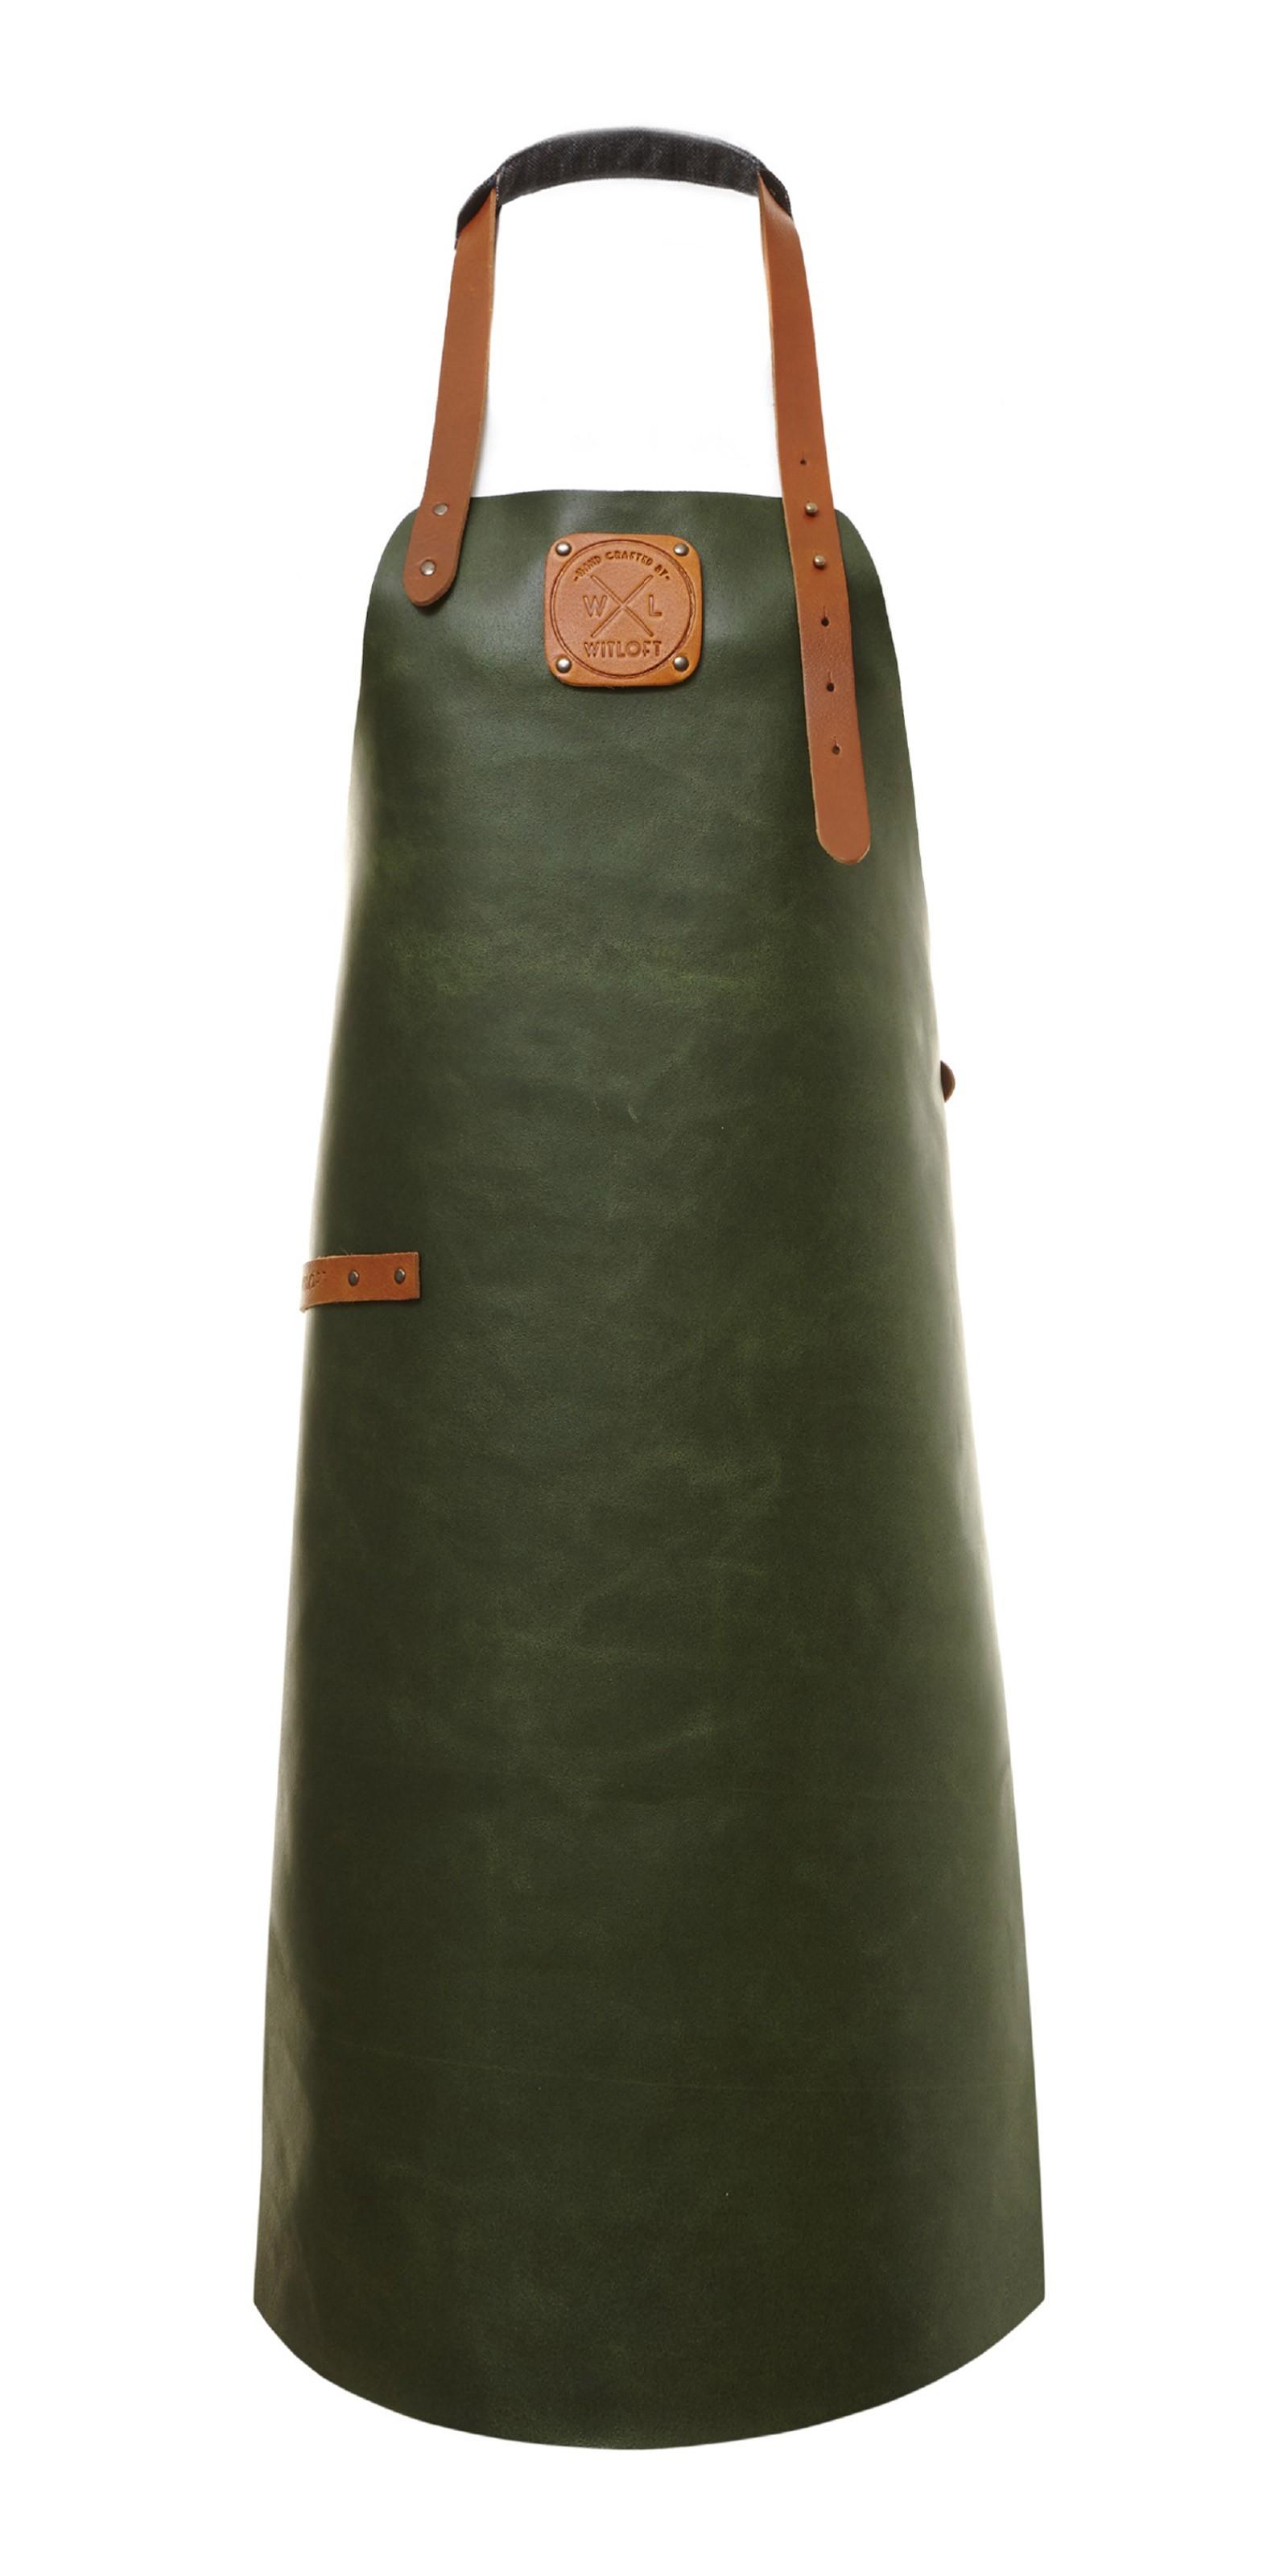 Witloft Grillschürze / Lederschürze Green/Cognac Größe L Bild 1